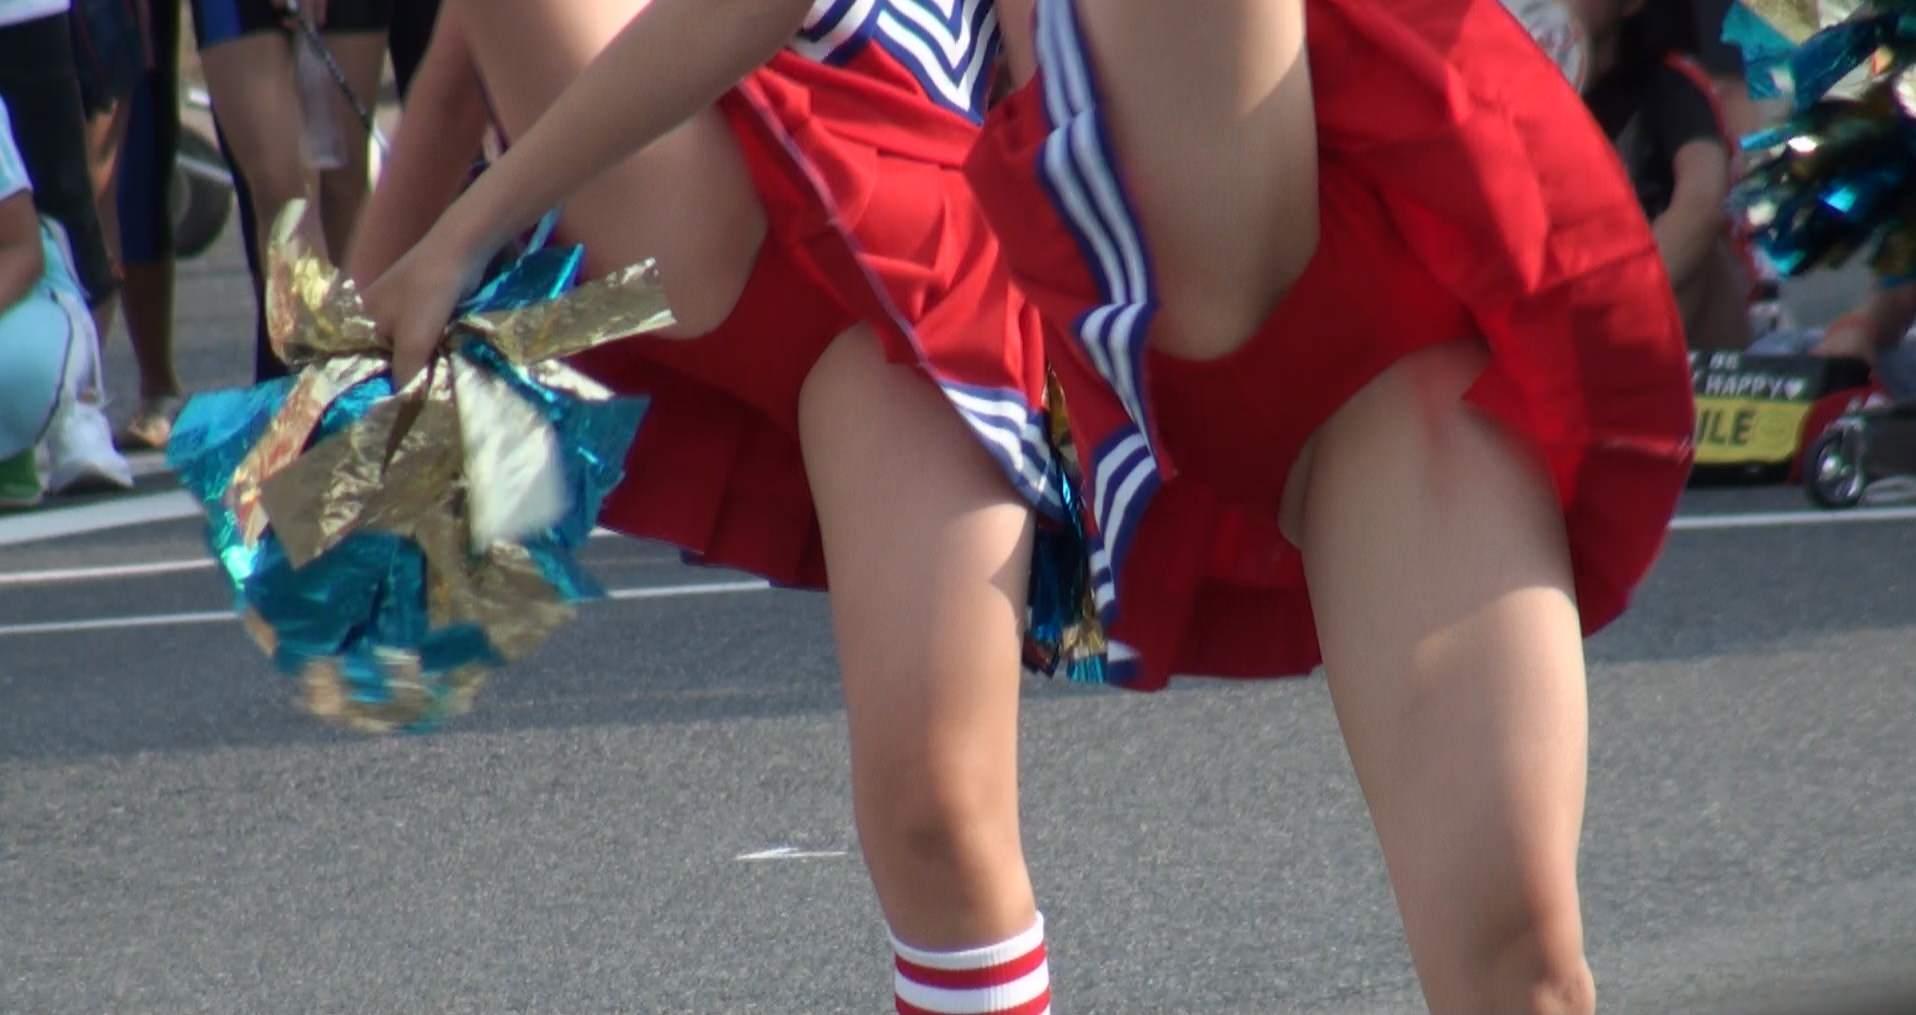 チアガールの片足上げがブルマを開脚した股関見てるみたいでエッロwwwww 0919